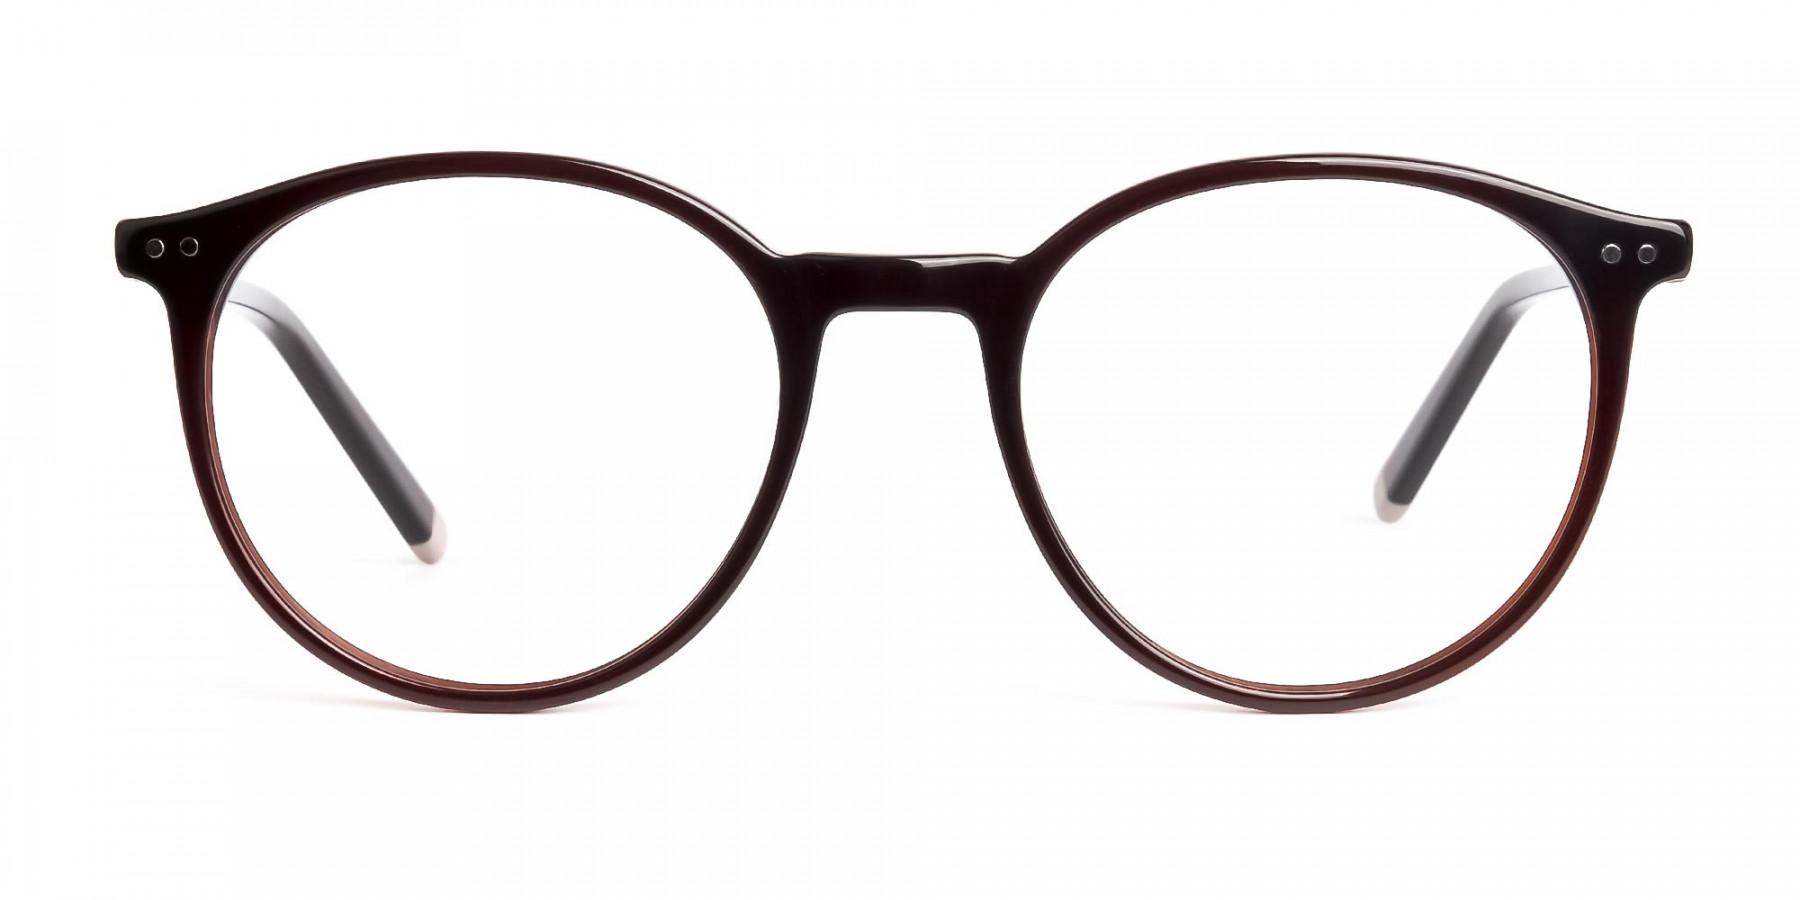 dark-brown-round-glasses-frames-1